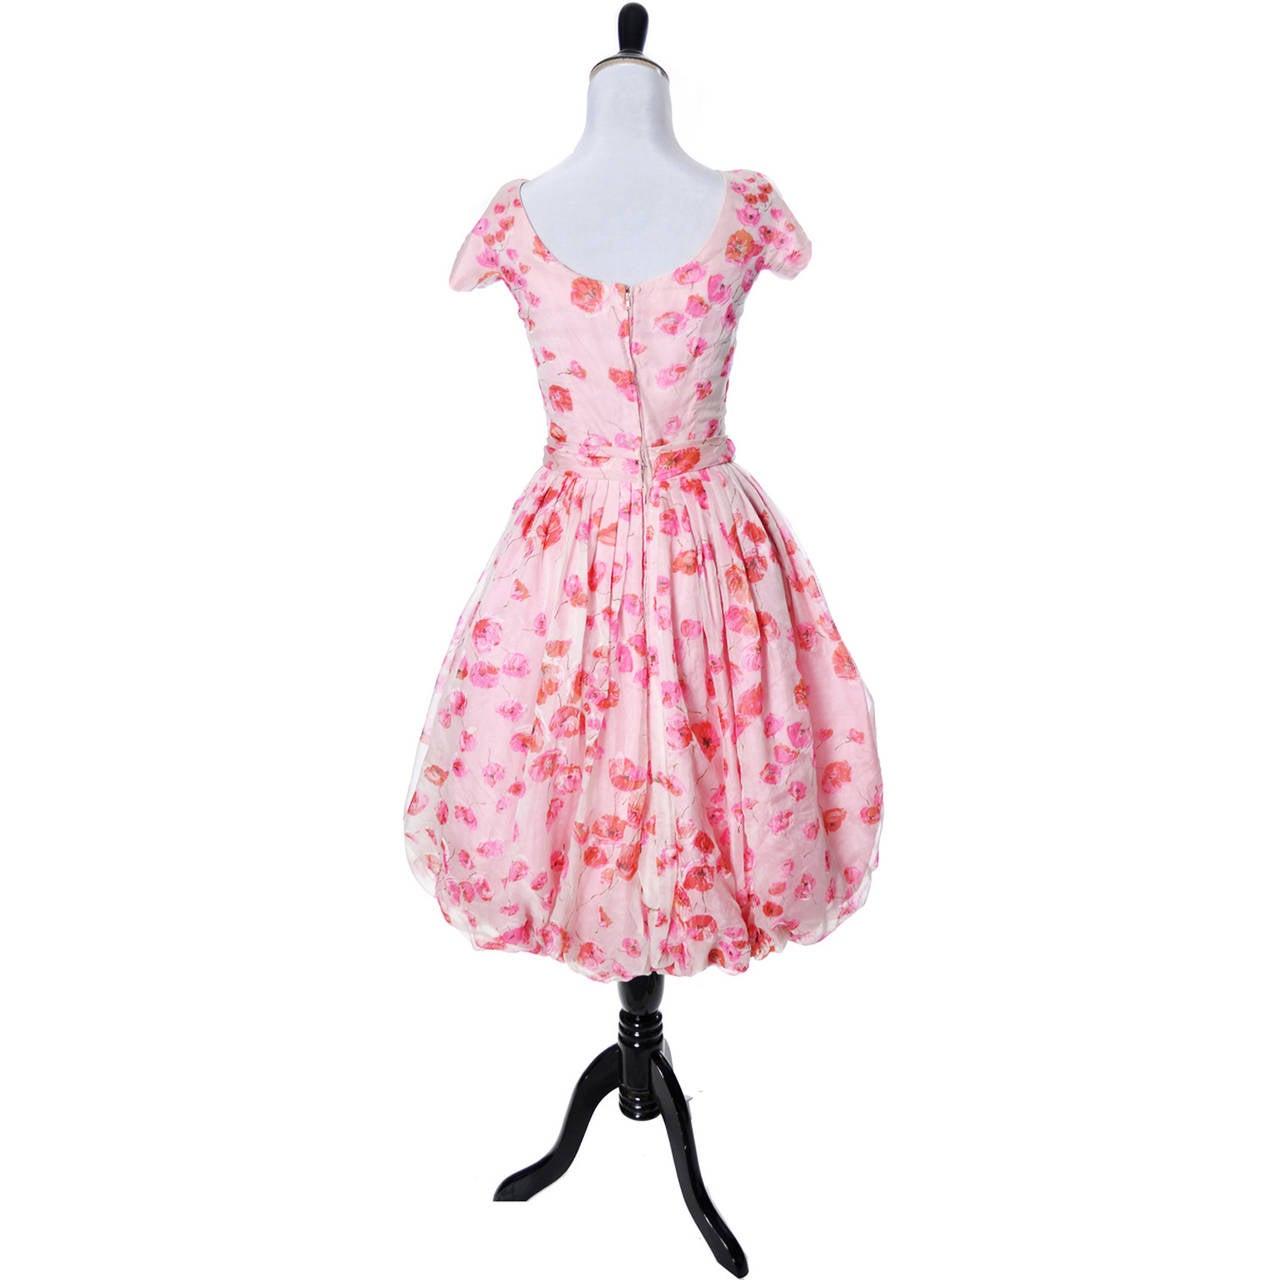 1950s Suzy Perette Vintage Dress Bubble Hem Pink Floral Organza Bow Party Frock 4